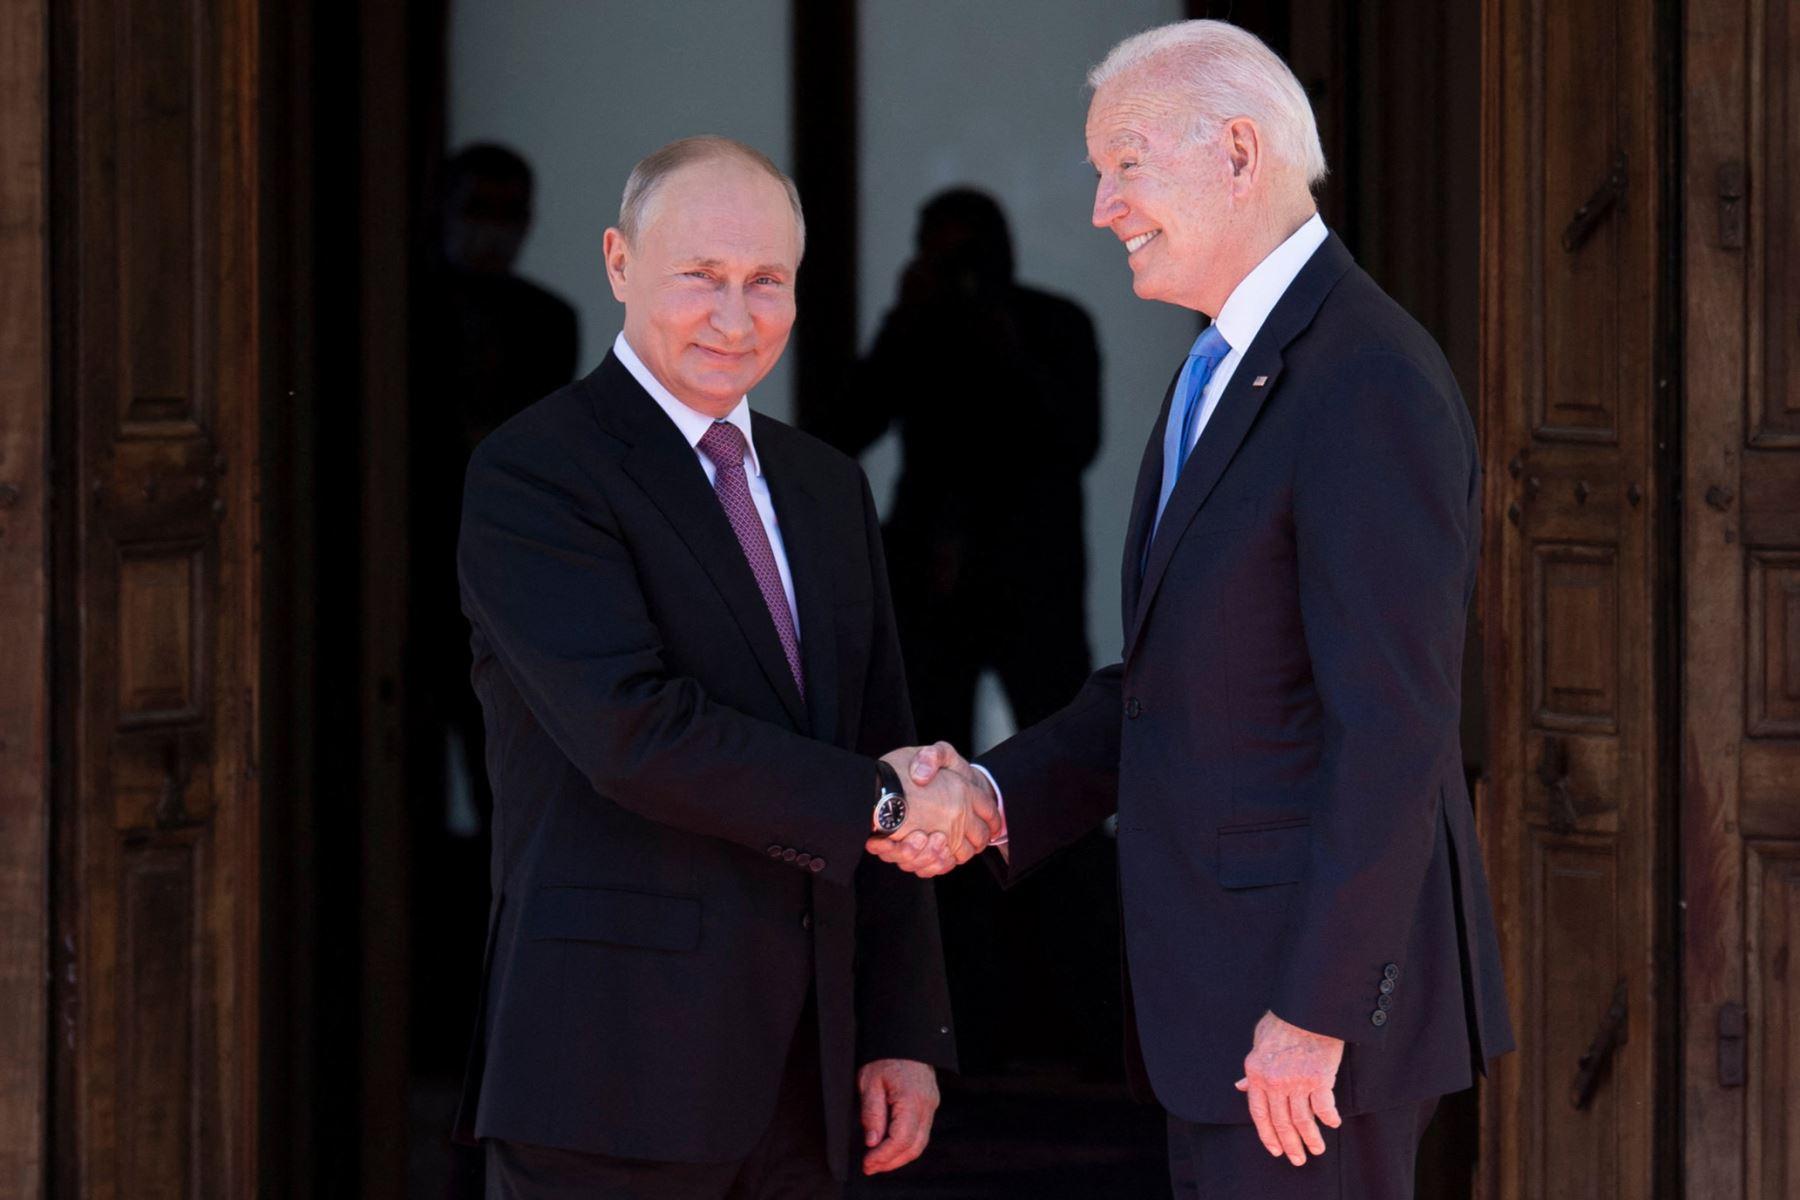 Biden confirma que responderá a los ciberataques después de hablar con Putin